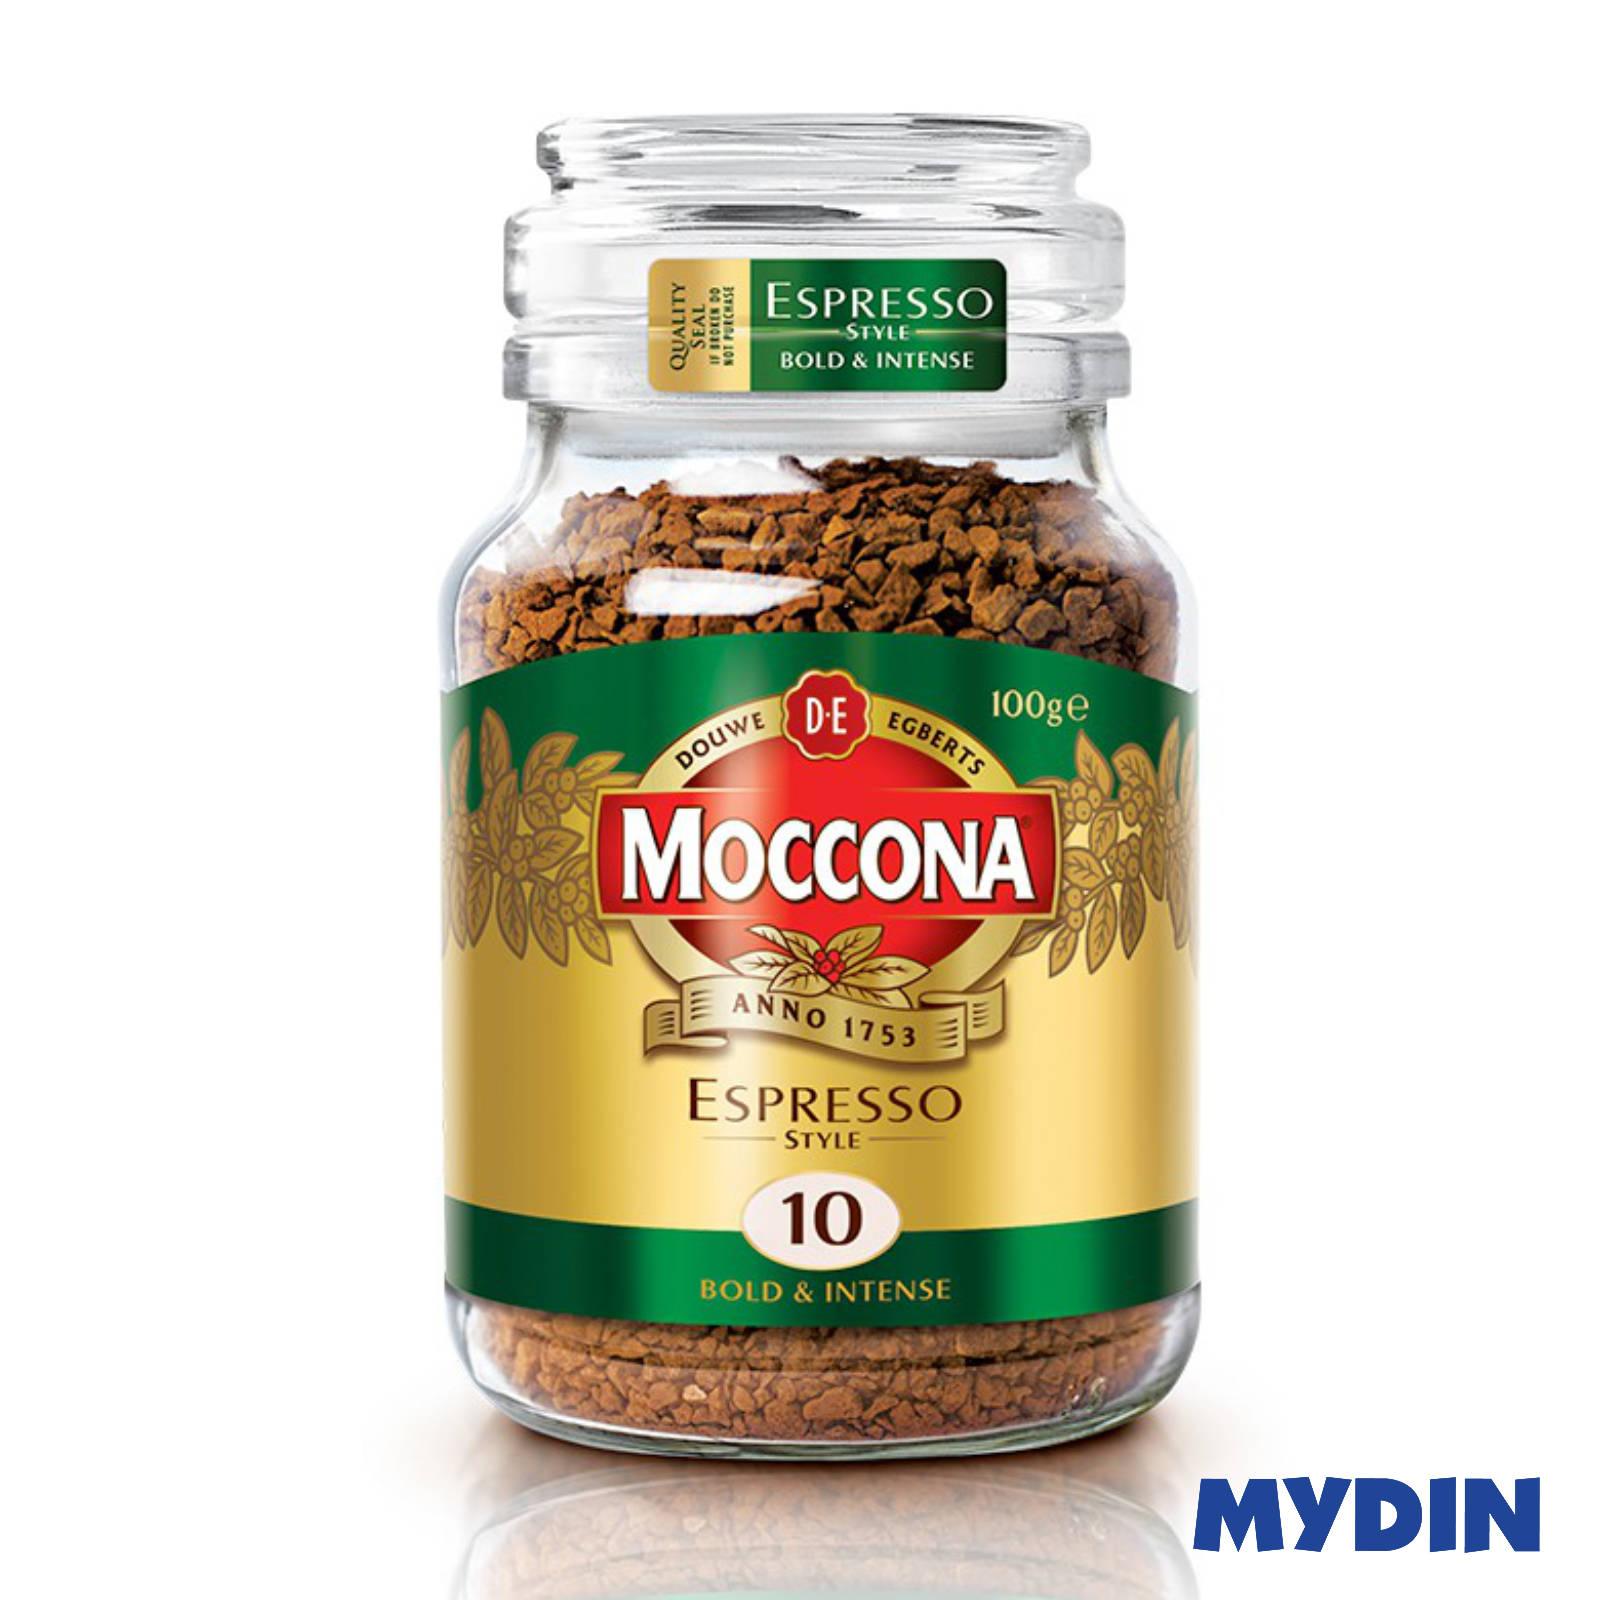 Moccona Espresso Style 10 (100g)